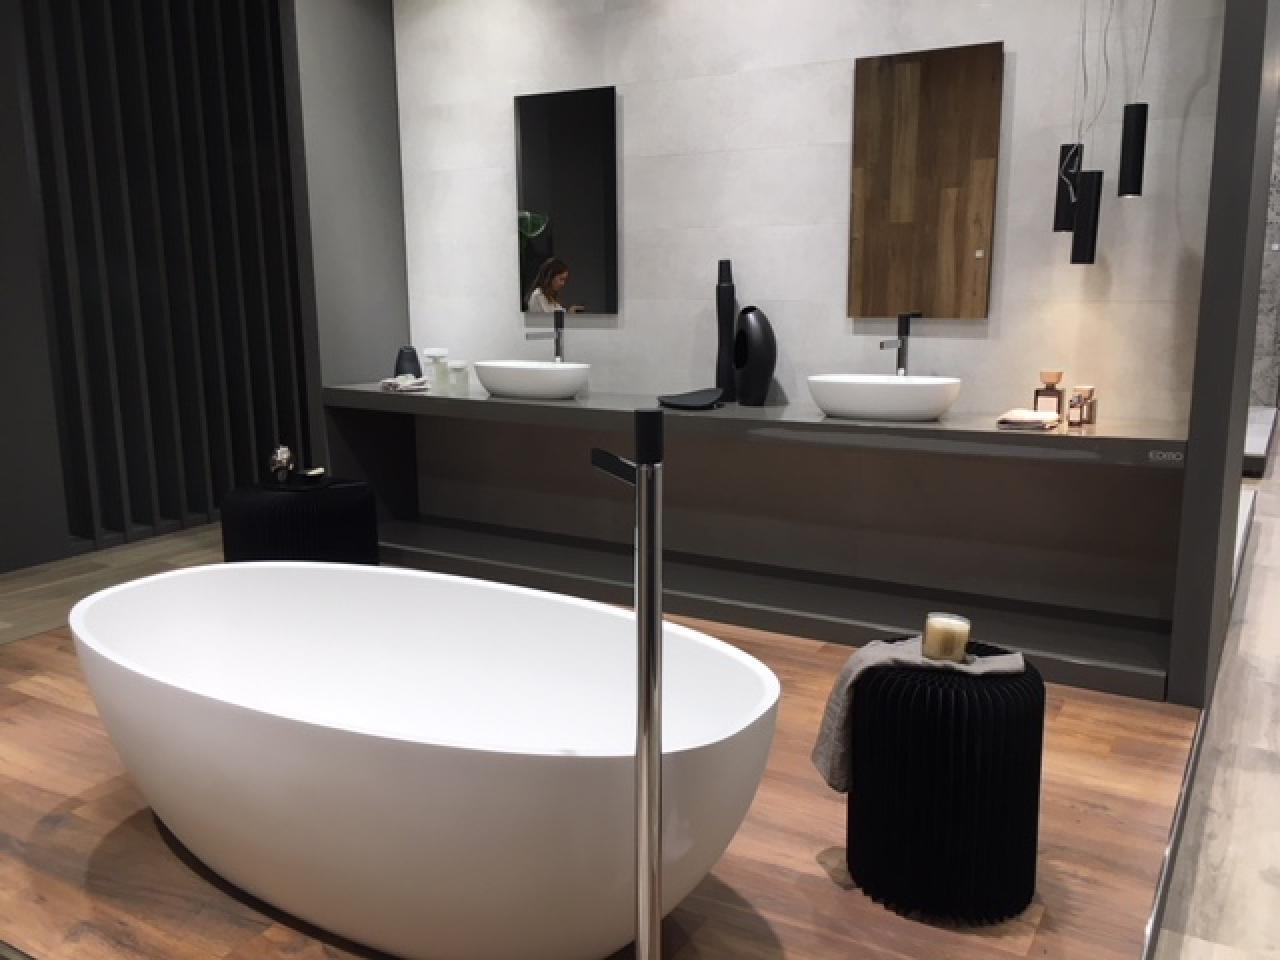 Come Si Chiama Vasca Da Bagno In Inglese : La vasca da bagno a vicenza fratelli pellizzari